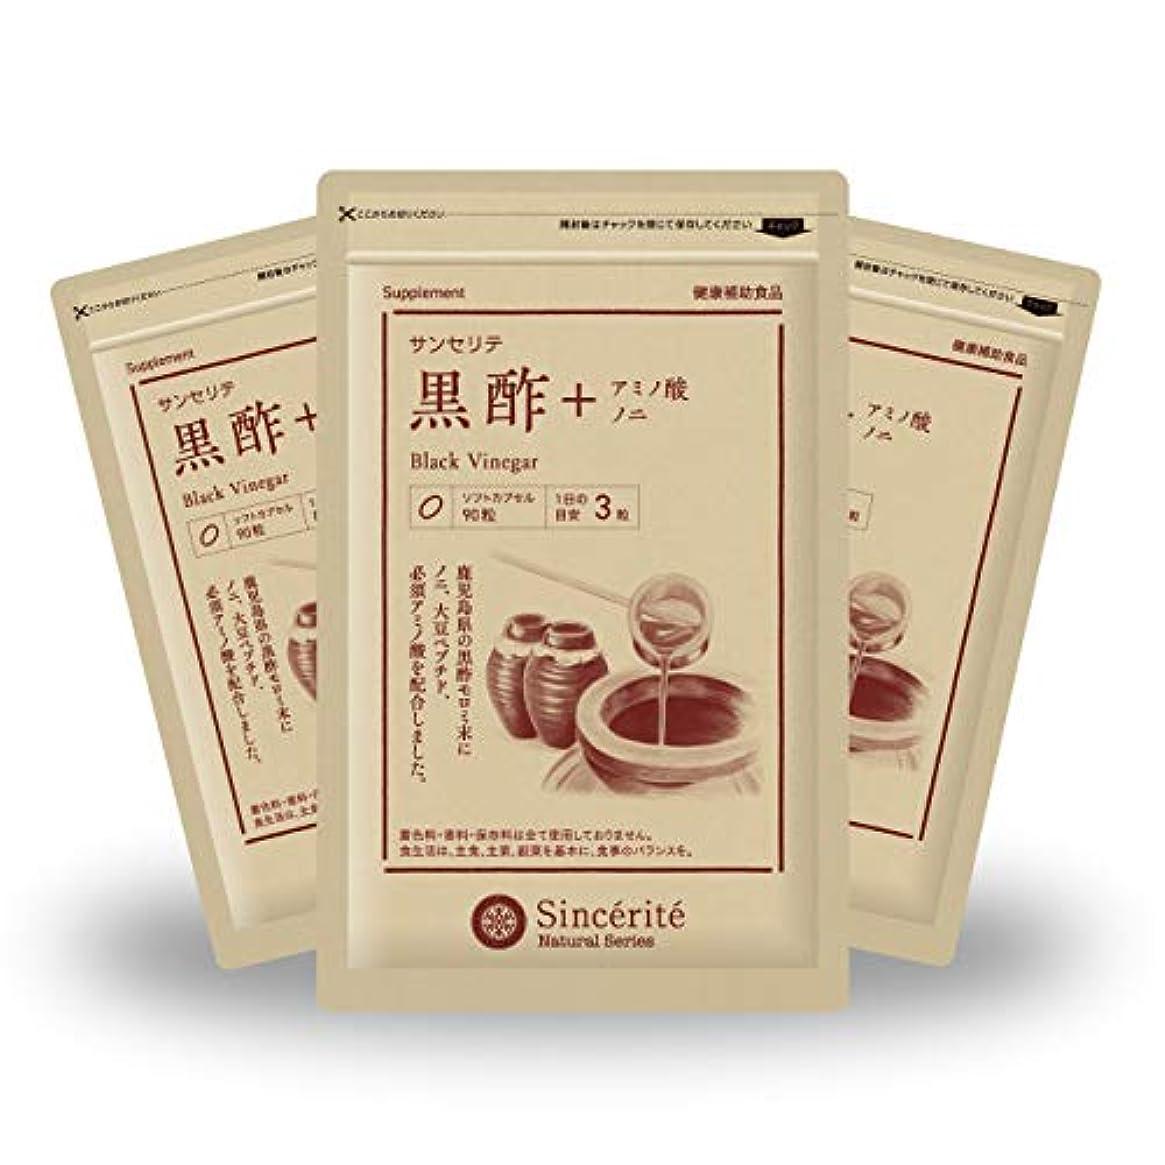 生フィード楽しむ黒酢?アミノ酸+ノニ 3袋セット[送料無料][黒酢モロミ末]300mg配合[国内製造]お得な★90日分